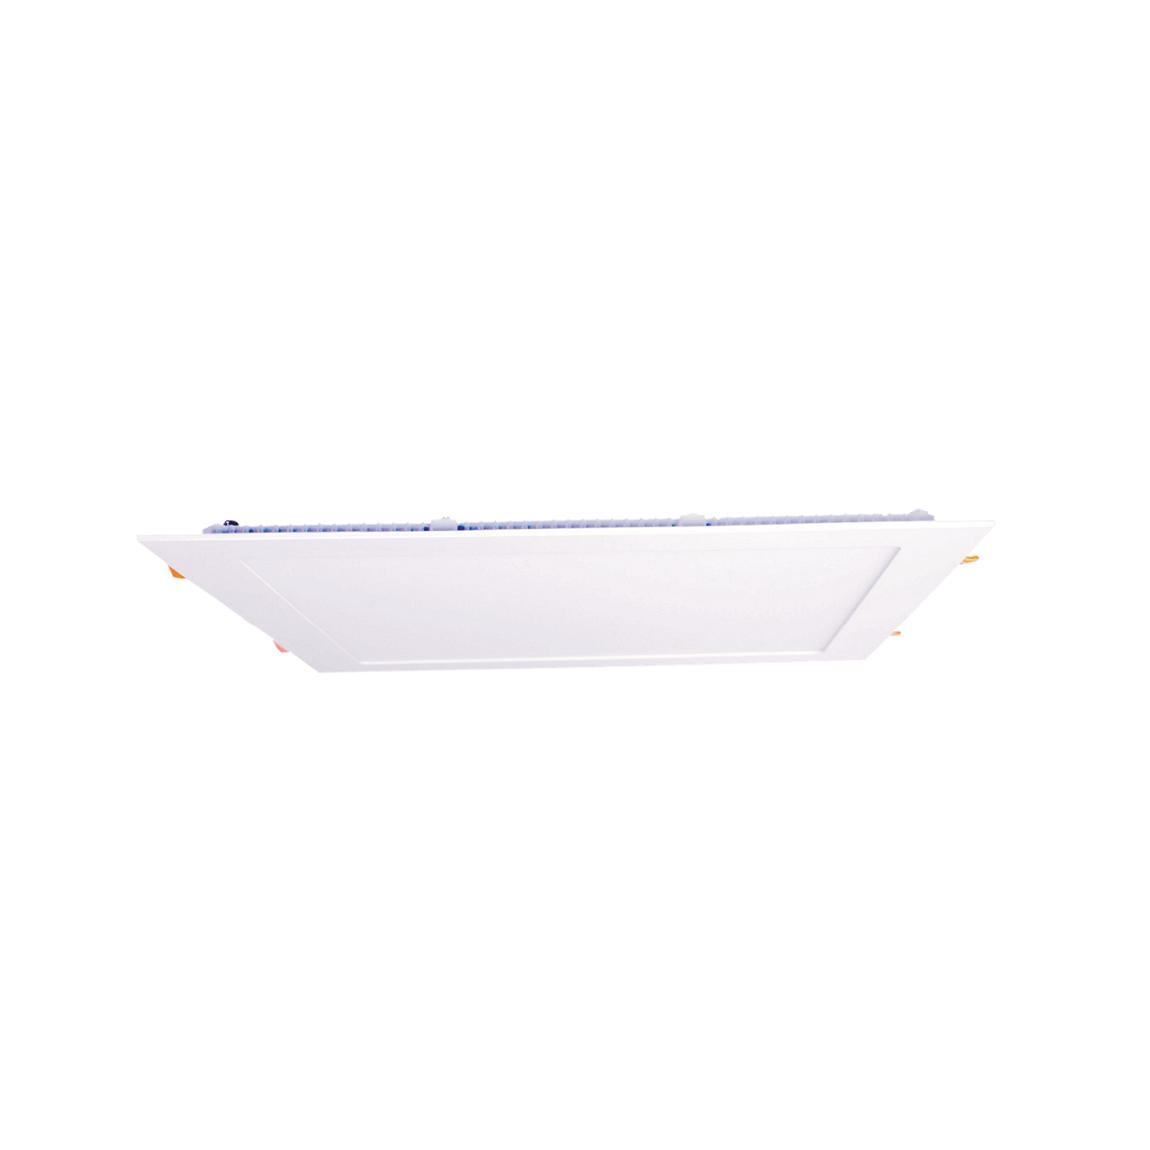 LW-SAAKP15 - 15 Watt Sıva Altı Kare LED Panel Armatür